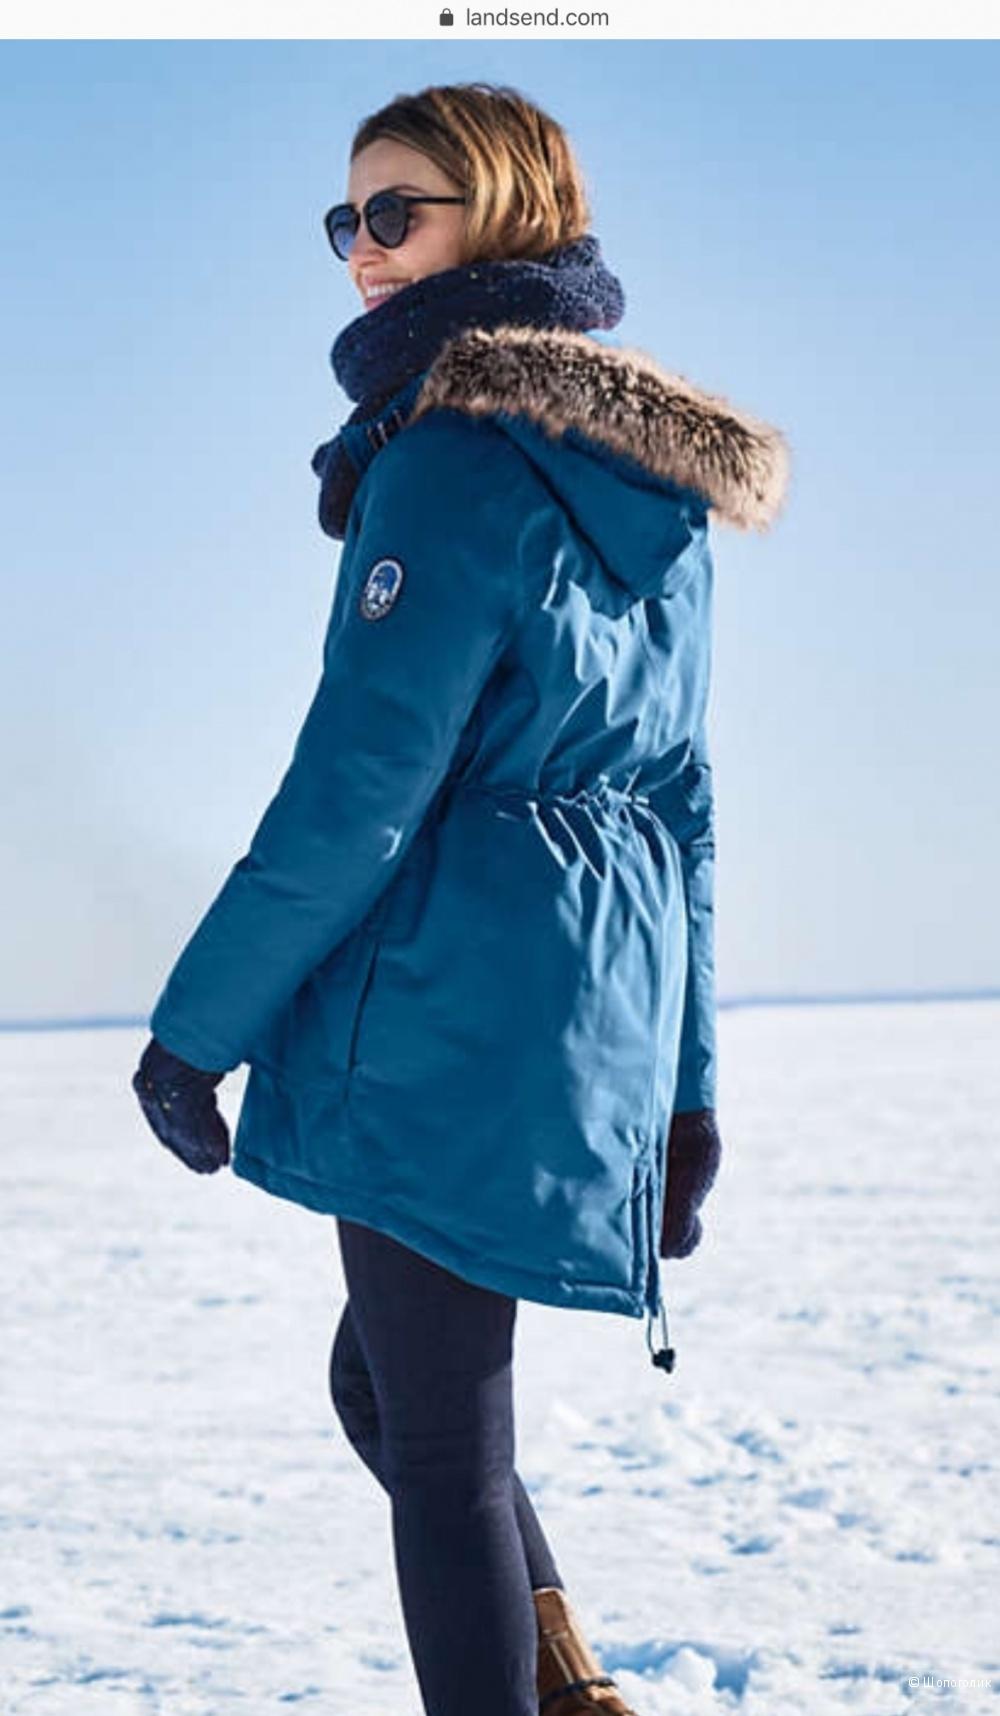 Пуховик  Женская экспедиция Down Parka,  р.S (6-8) диз  (46 RU полноценный )